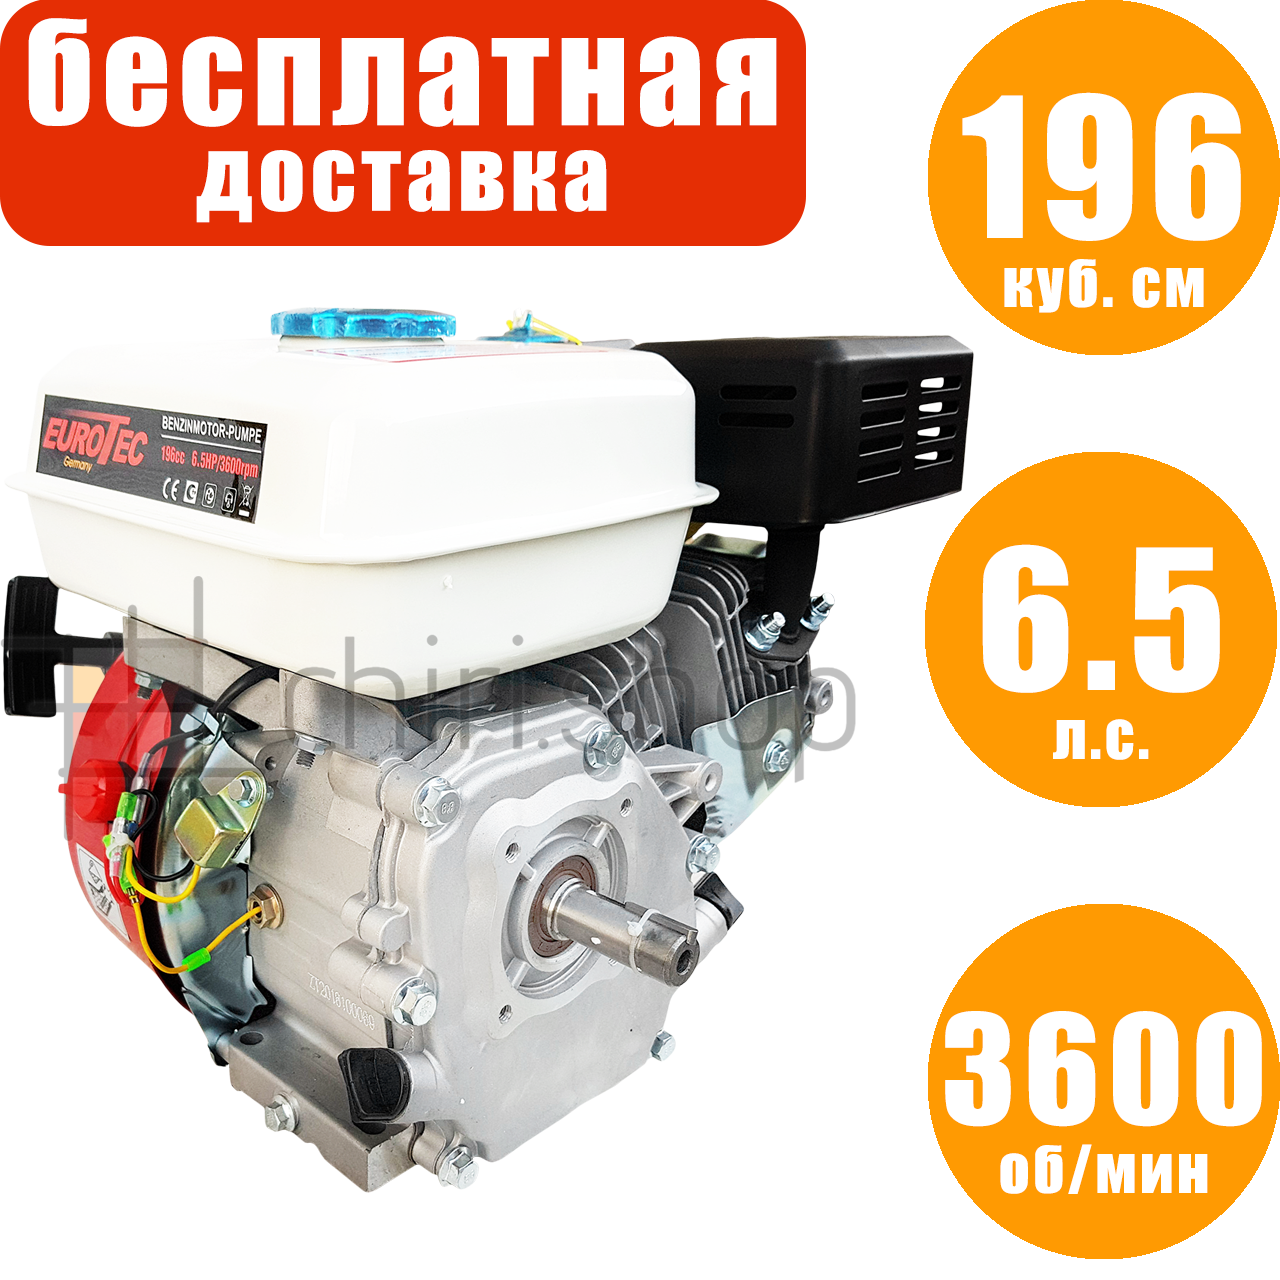 Двигатель бензиновый 6.5 л.с, 3600 об/мин, 196 куб.см Eurotec PU 229, бензодвигатель для мотопомп и мотоблоков